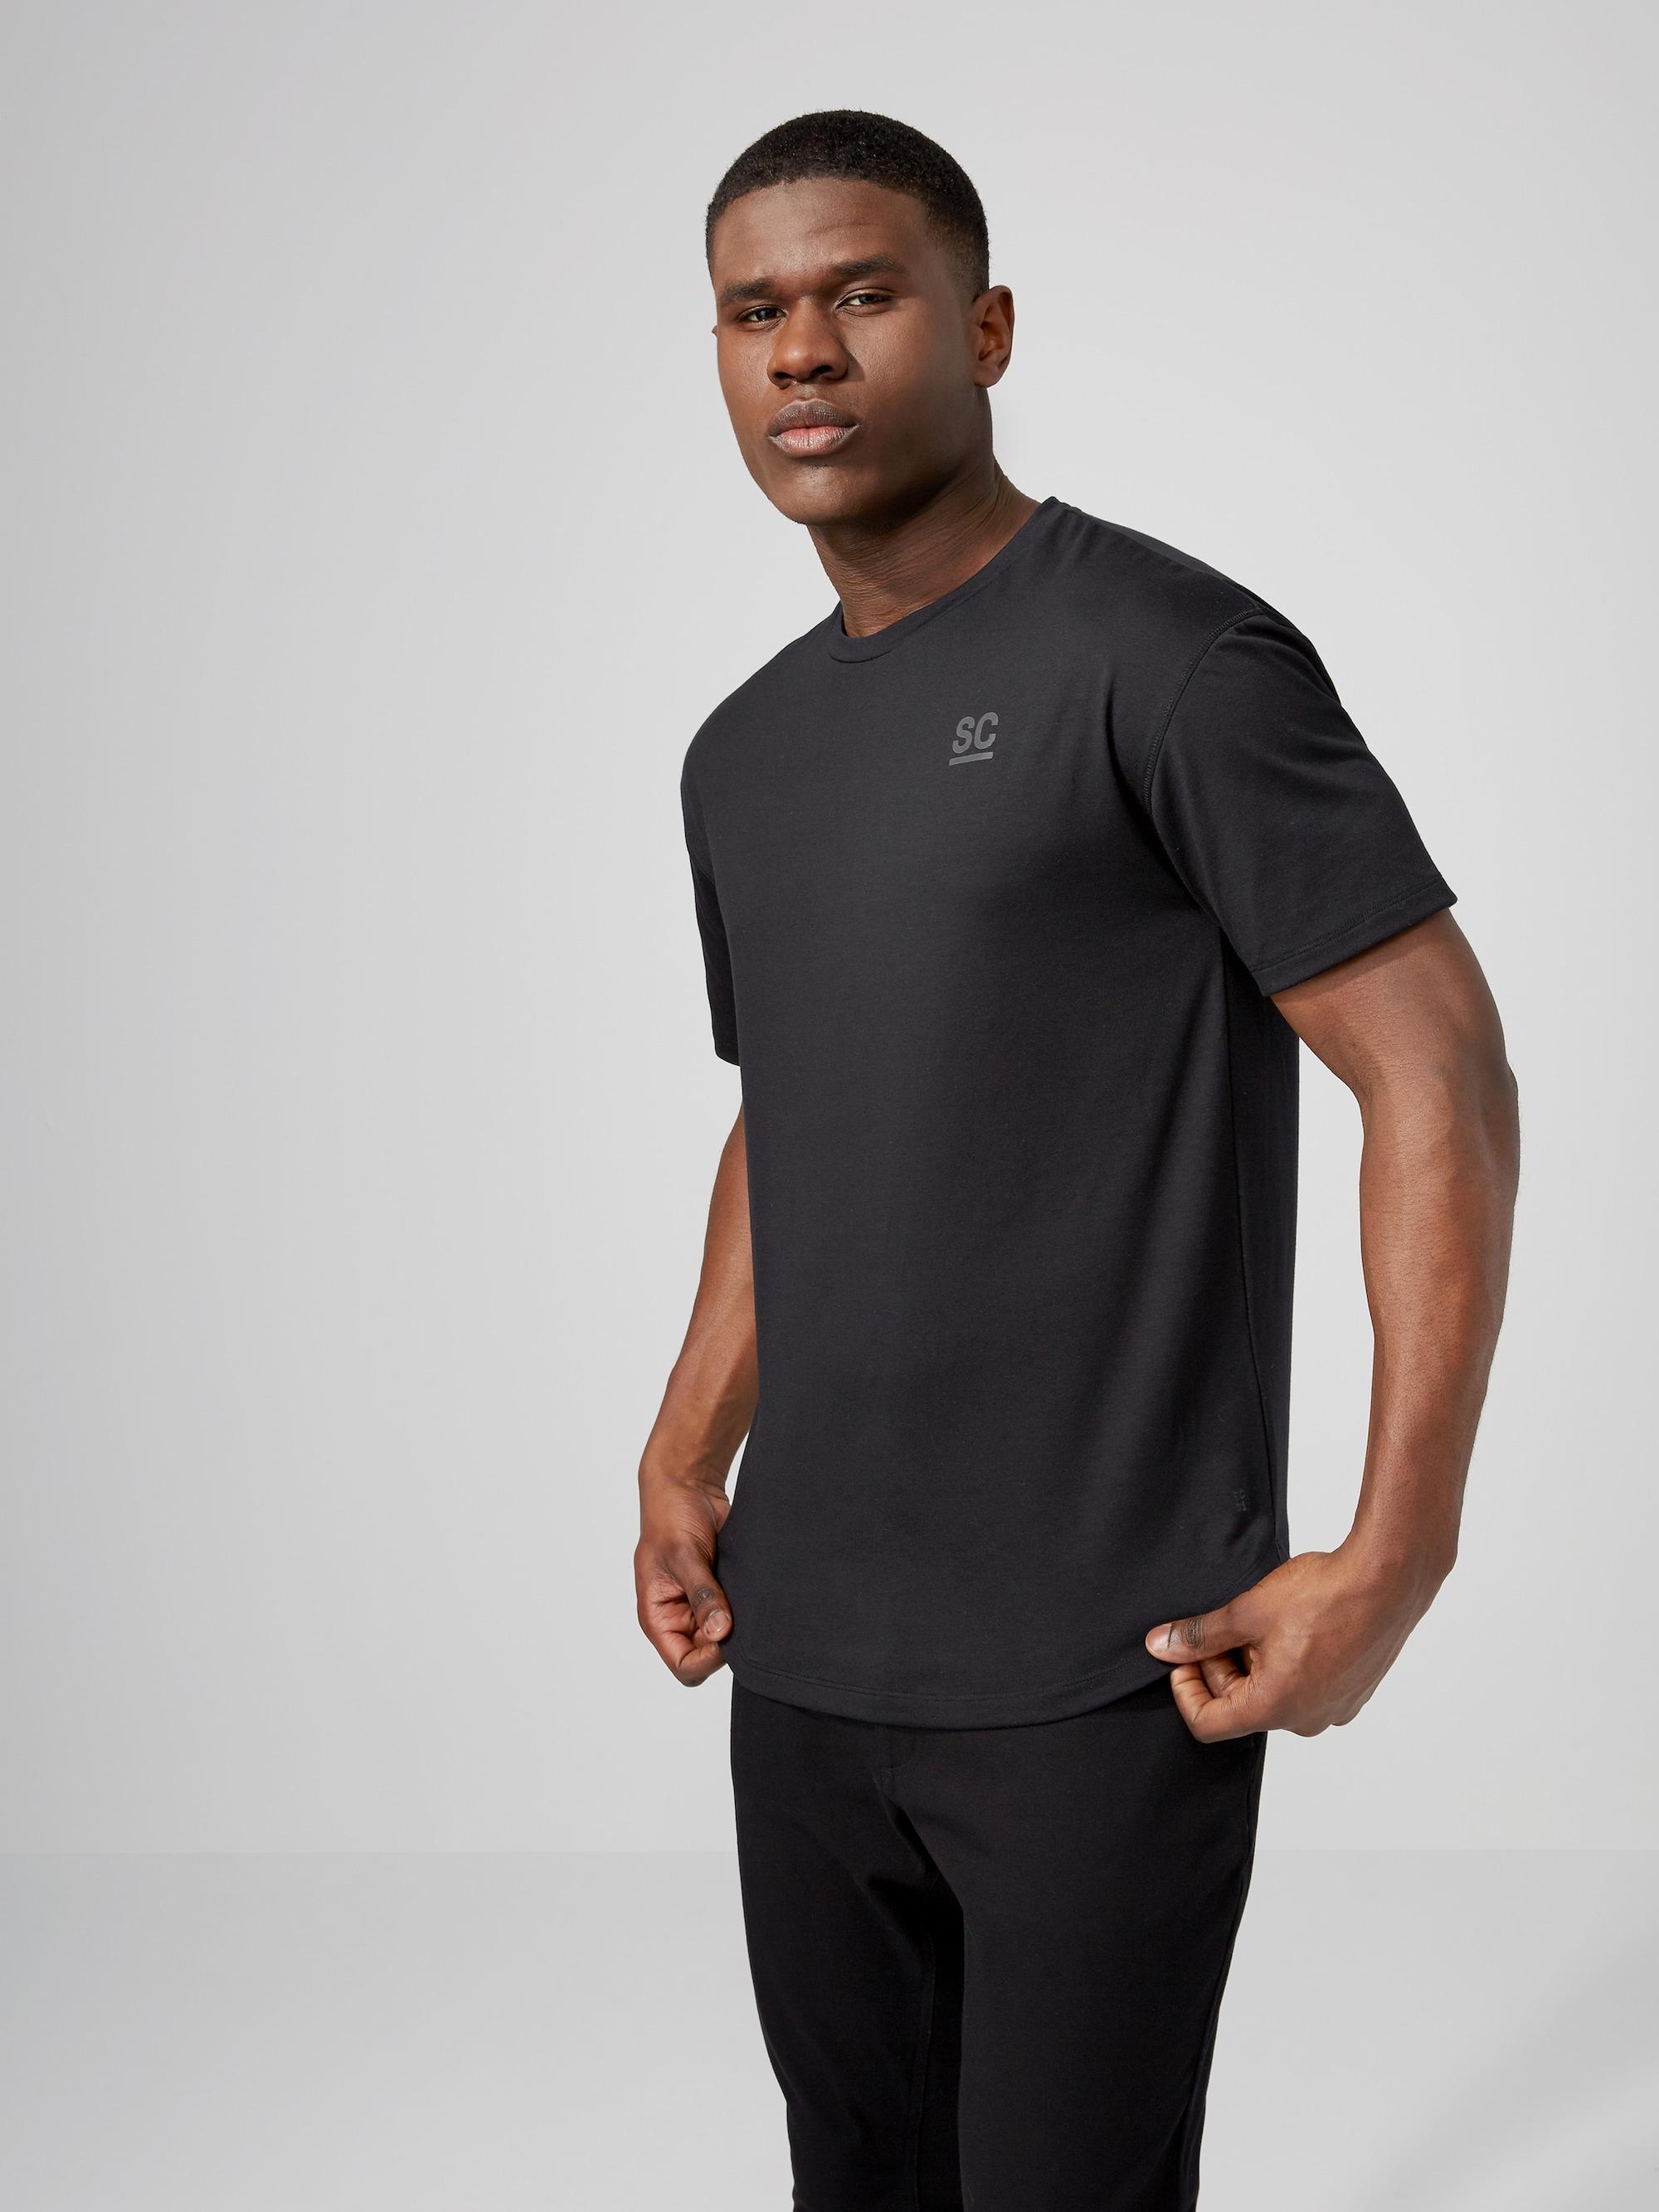 Frank oak frank oak sc drirelease loose fit logo t for Frank and oak shirt